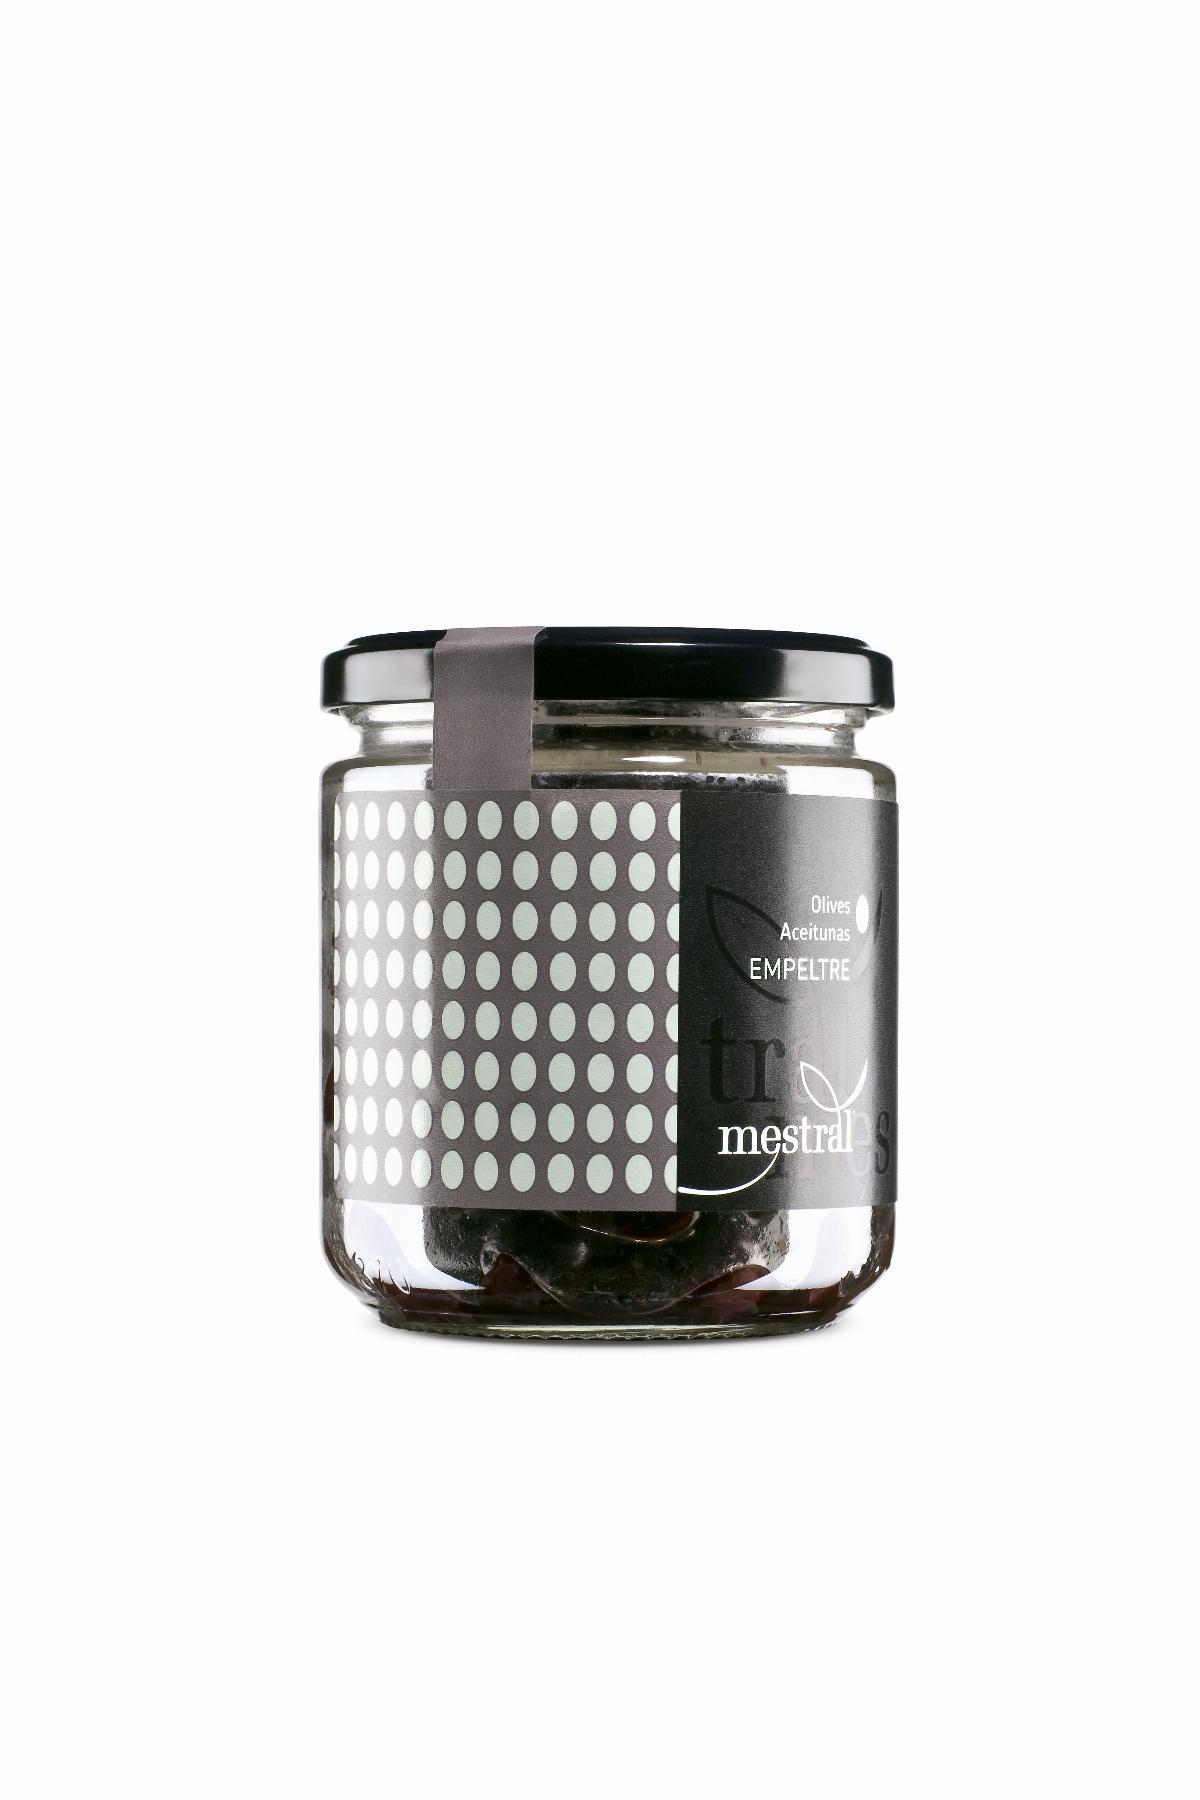 Mestral Empeltre black olives glass jar 200 g